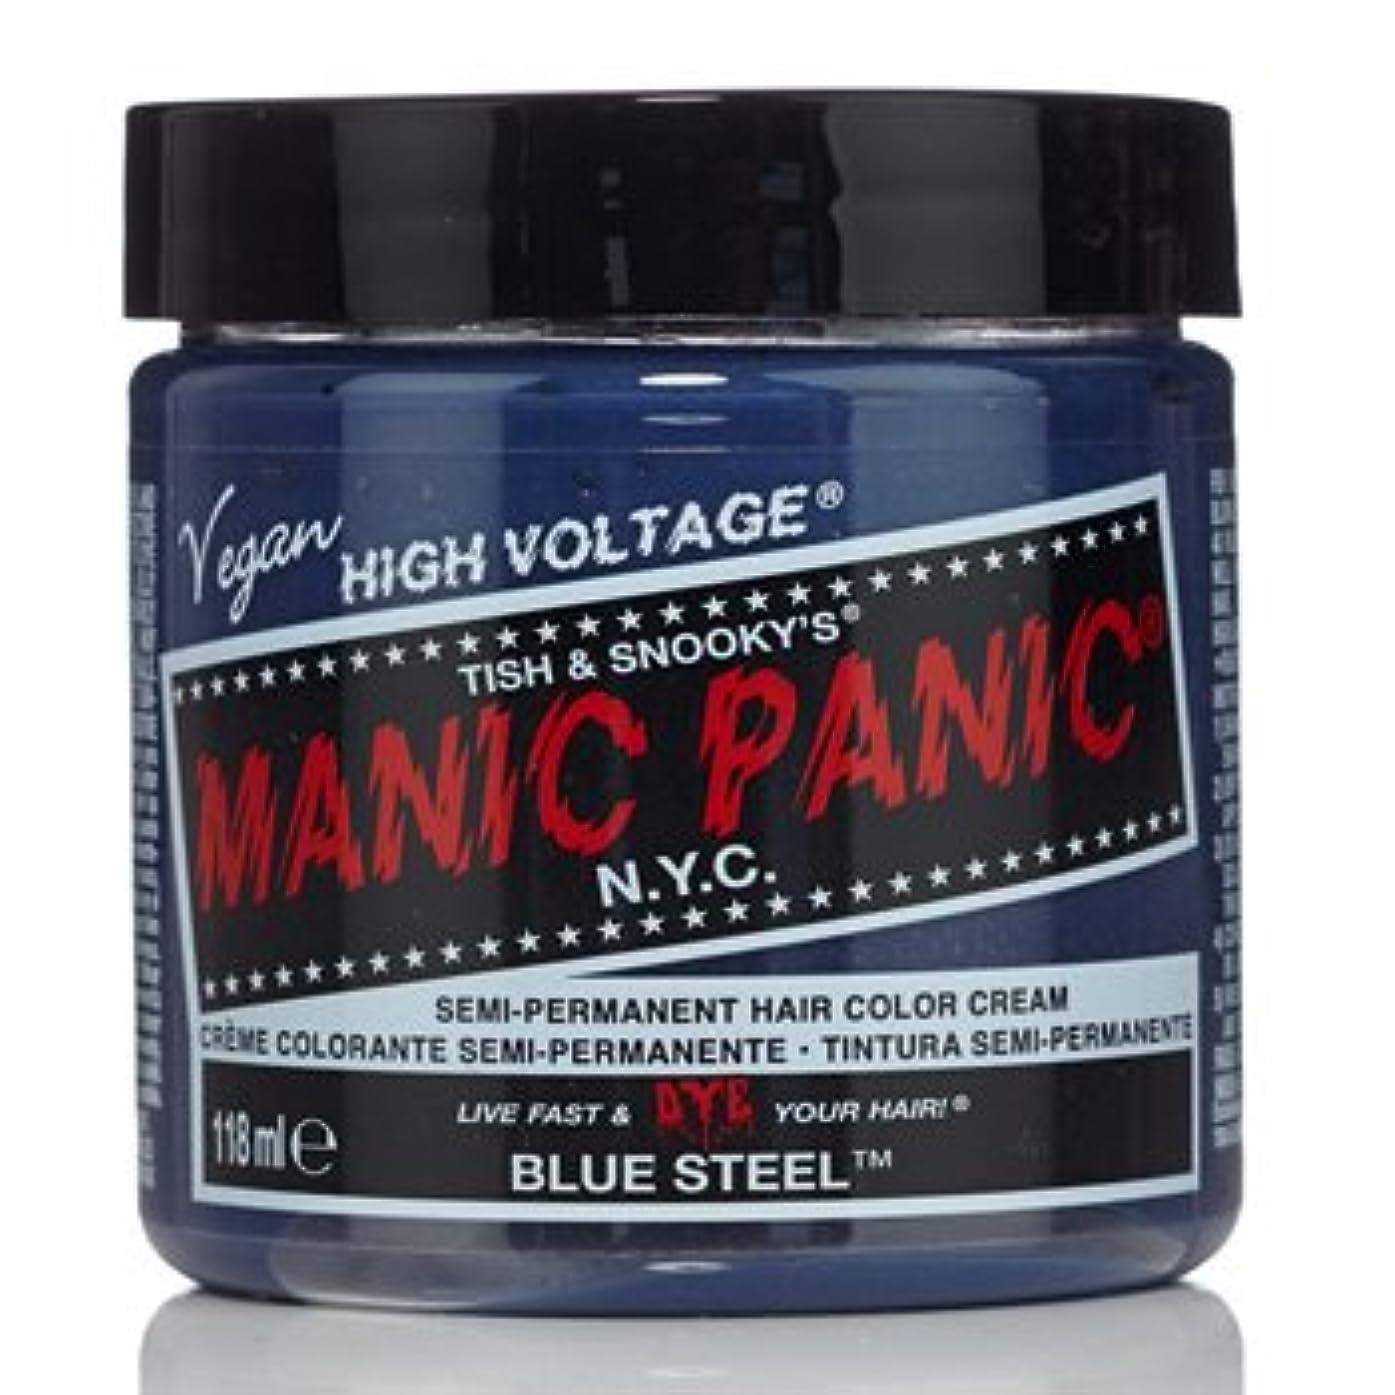 スマッシュ楽観ピンク【3個セット】MANIC PANIC マニックパニック ブルースティール MC11052 118ml